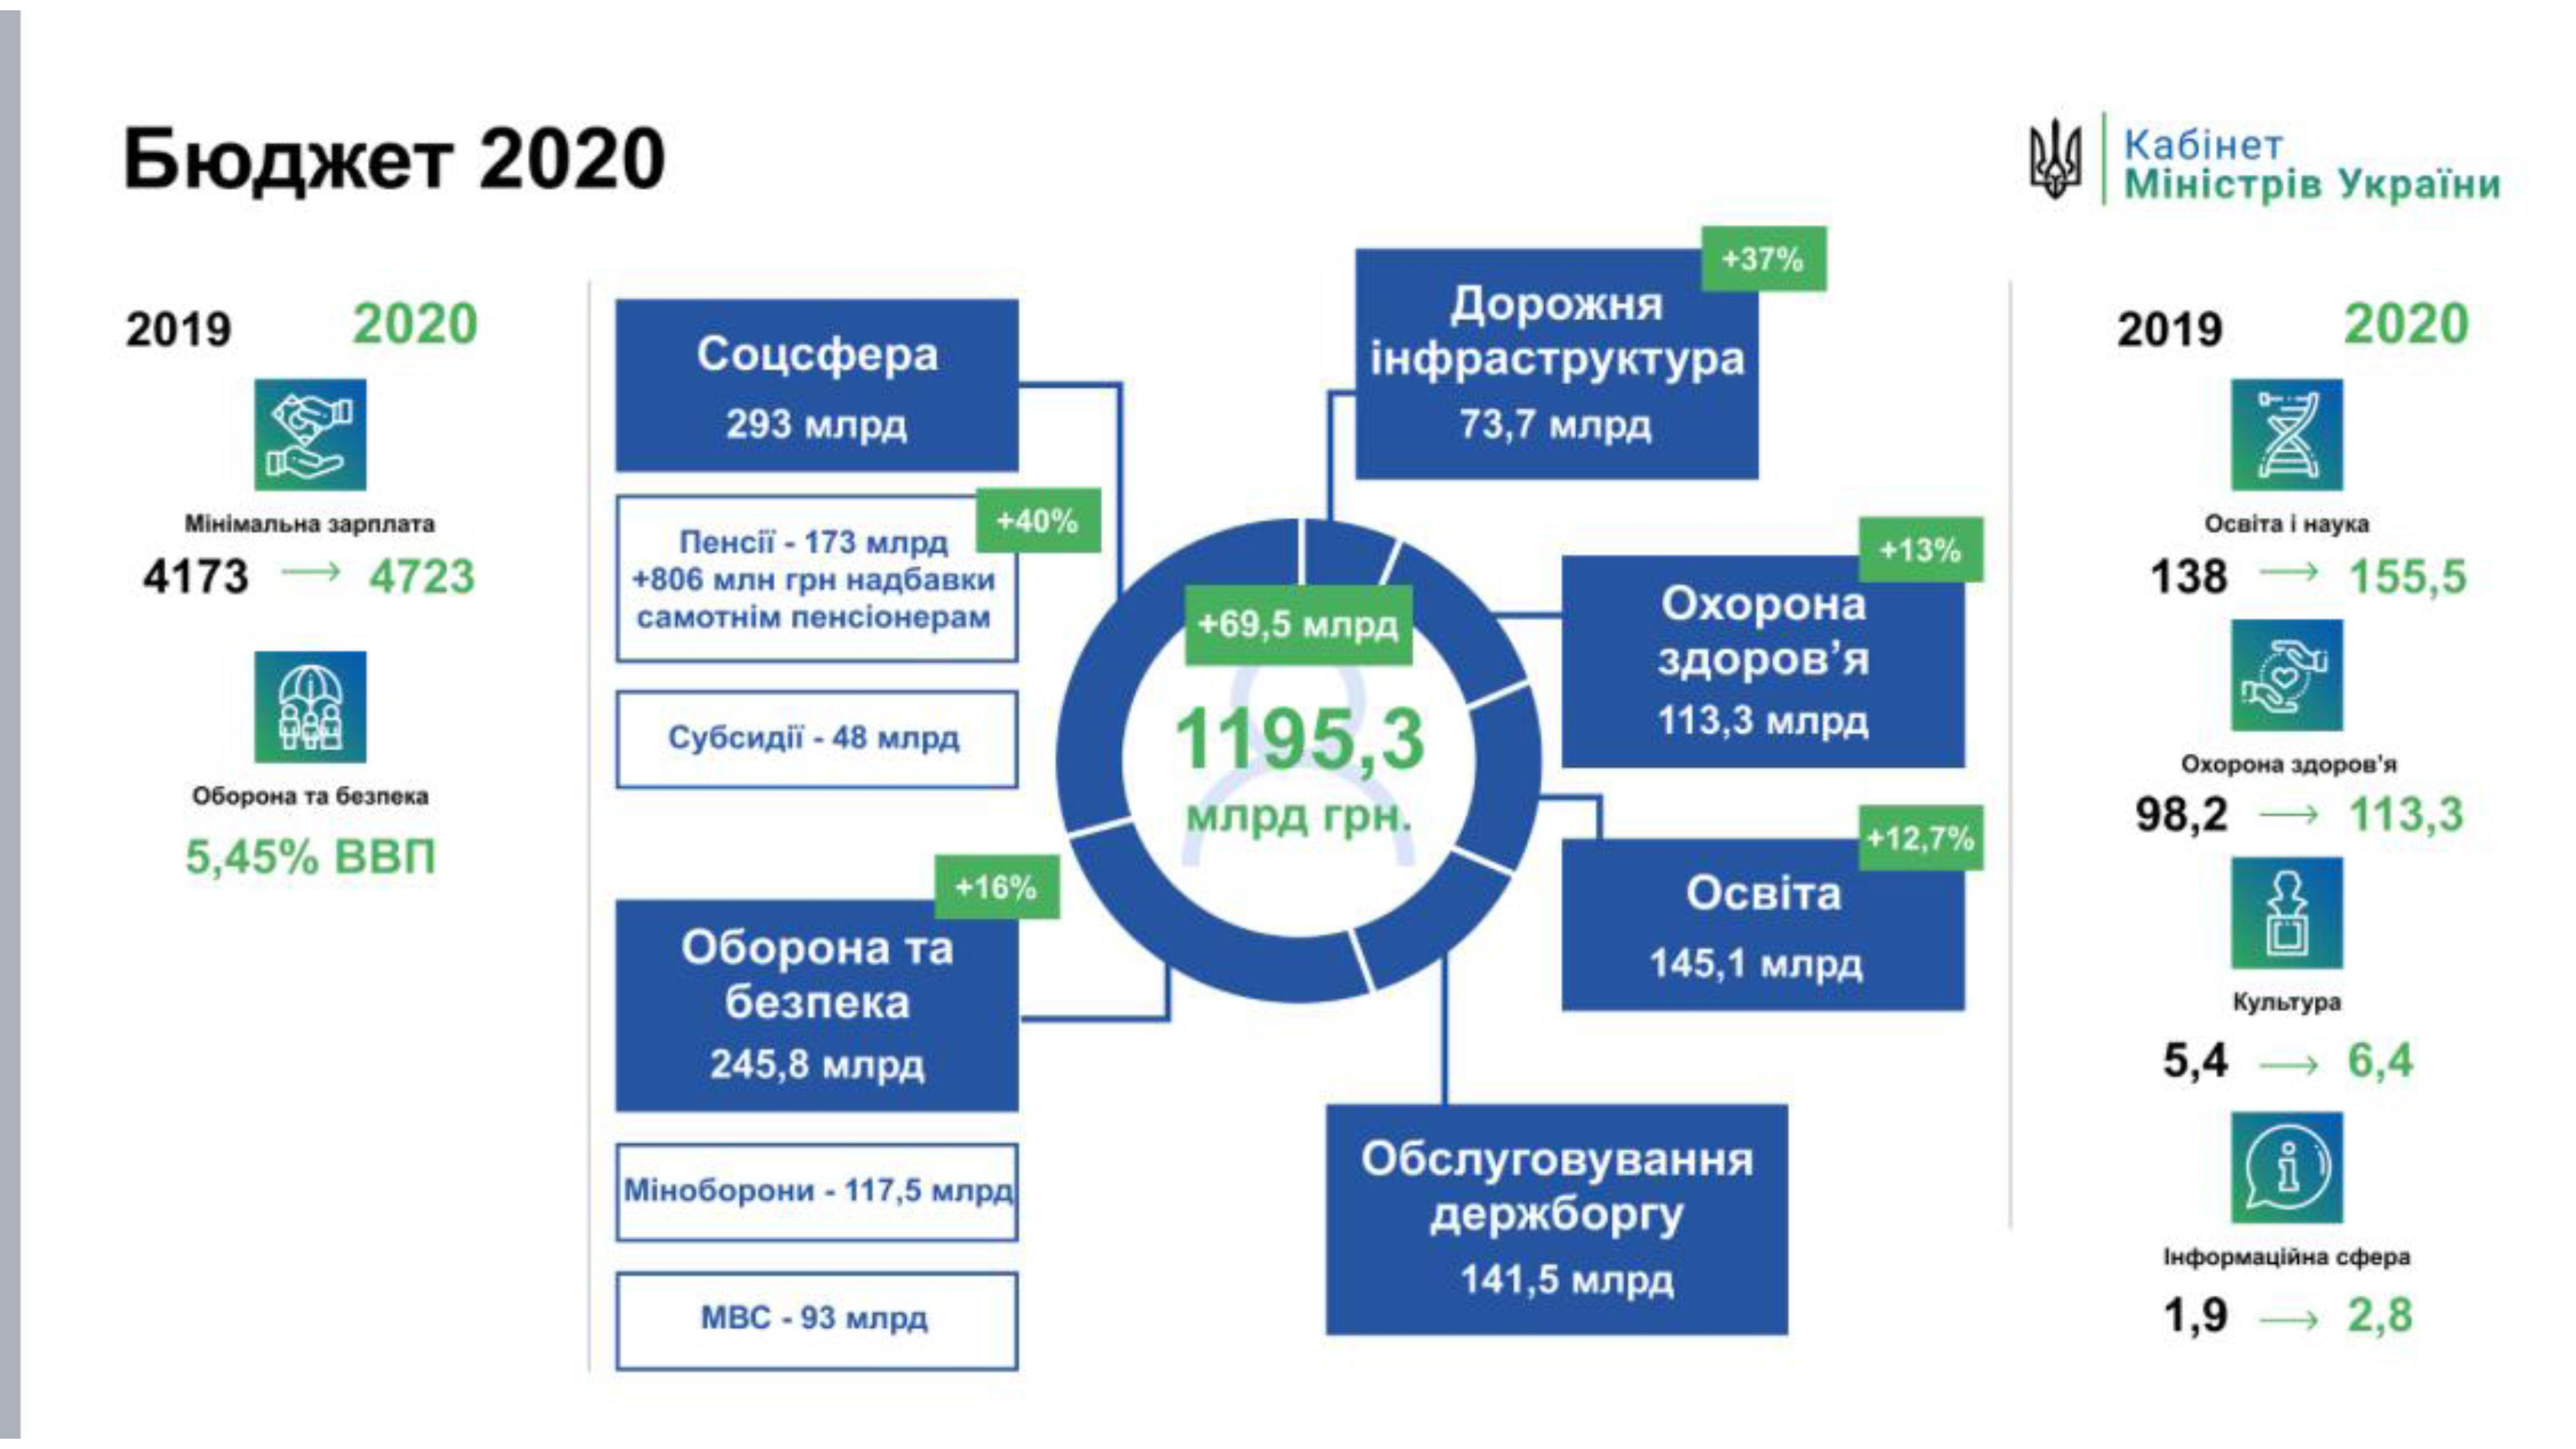 Бюджет-2020 – бюджет розвитку держави та безпеки людей, – Олексій Гончарук